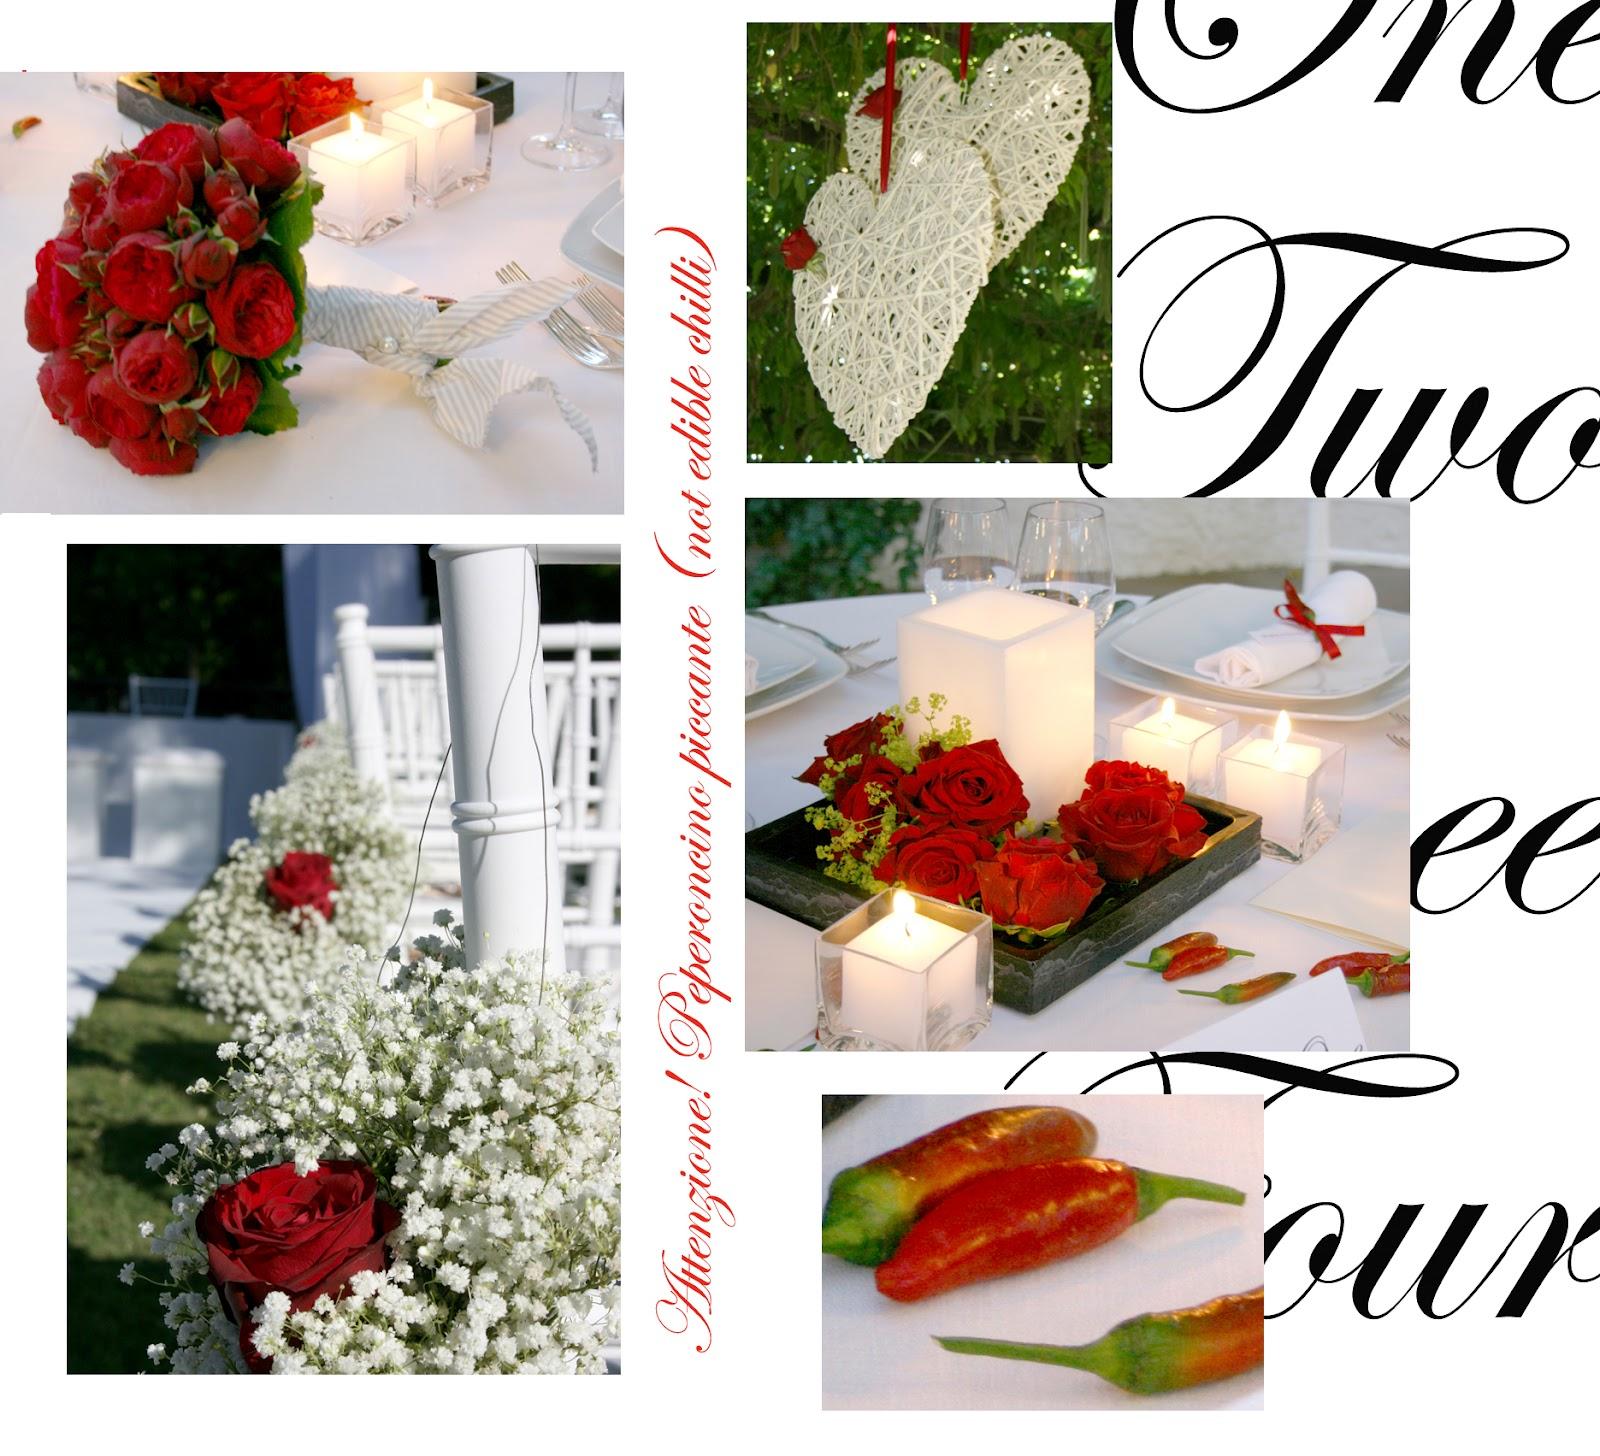 Matrimonio In Bianco E Rosso : Loby wedding events matrimonio in bianco e rosso